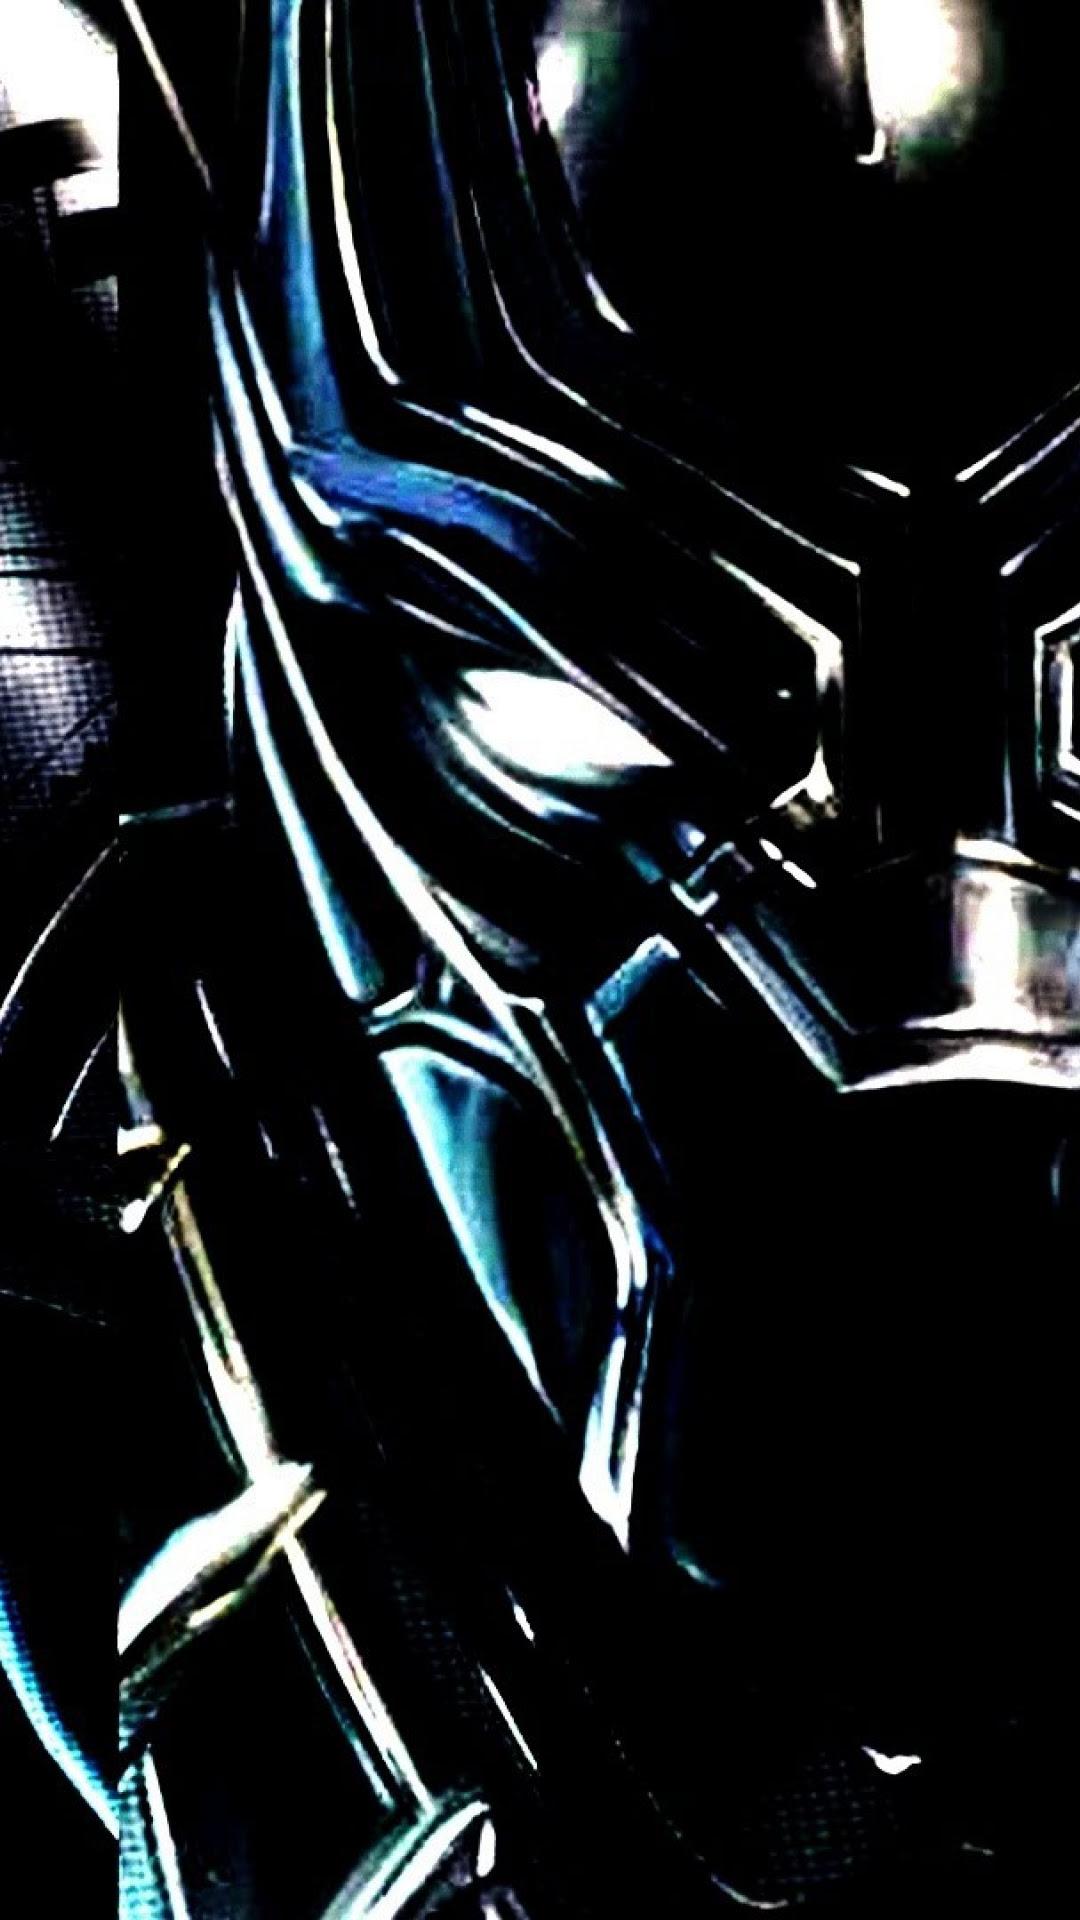 人気287位 ブラックパンサー マーベル映画のiphone壁紙 Iphonex スマホ壁 紙 待受画像ギャラリー 4 Wallpaper